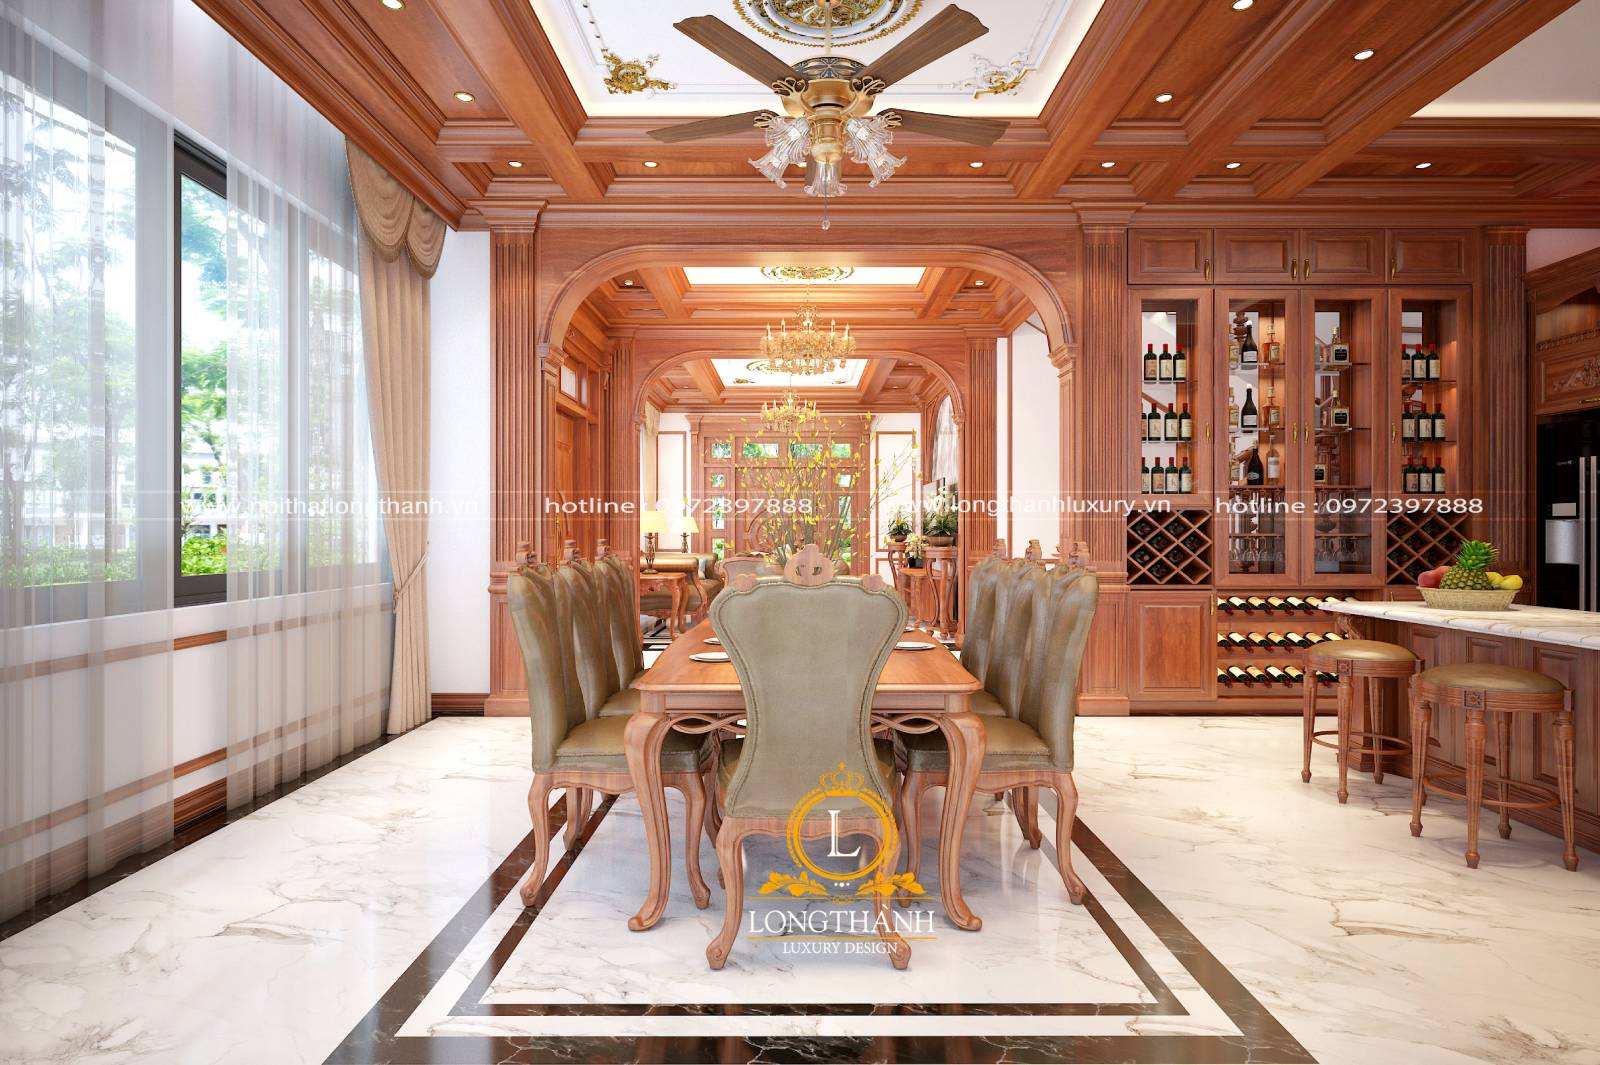 Bộ bàn ghế ăn được làm từ chất liệu gỗ Gõ đỏ Nam phi cao cấp